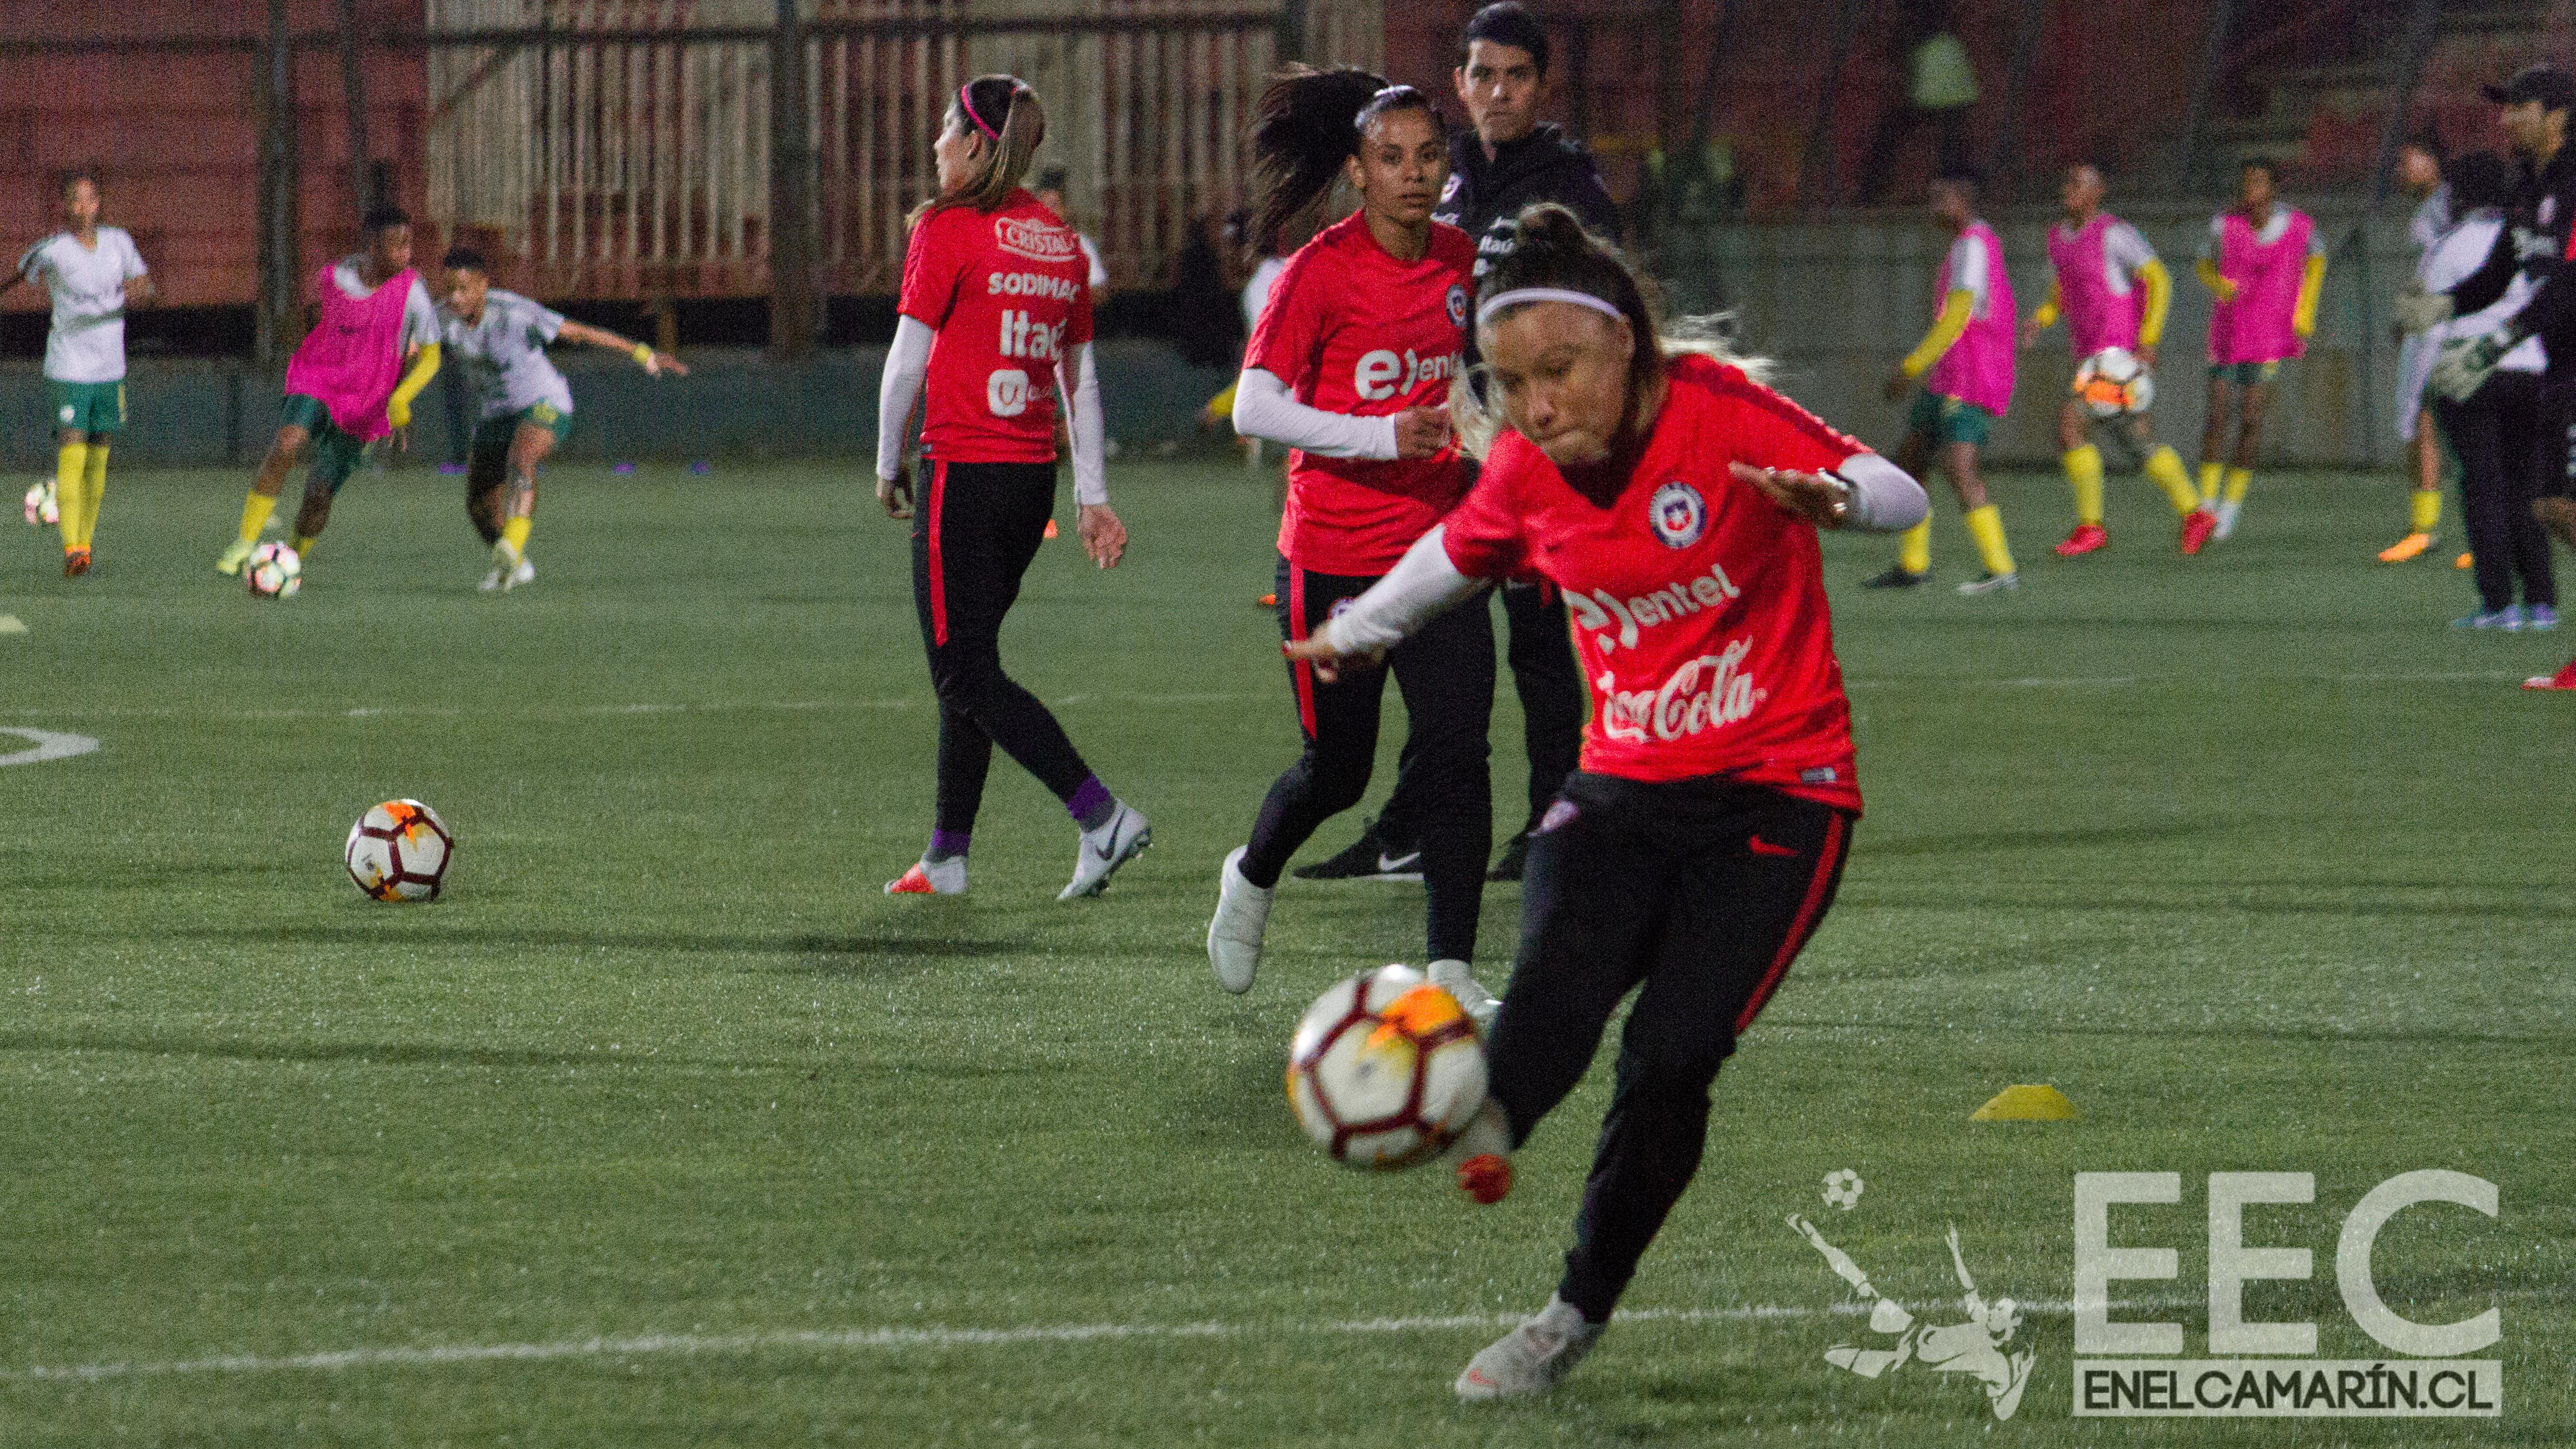 Selección Femenina Chile 2 - Selección Femenina Sudafrica 2